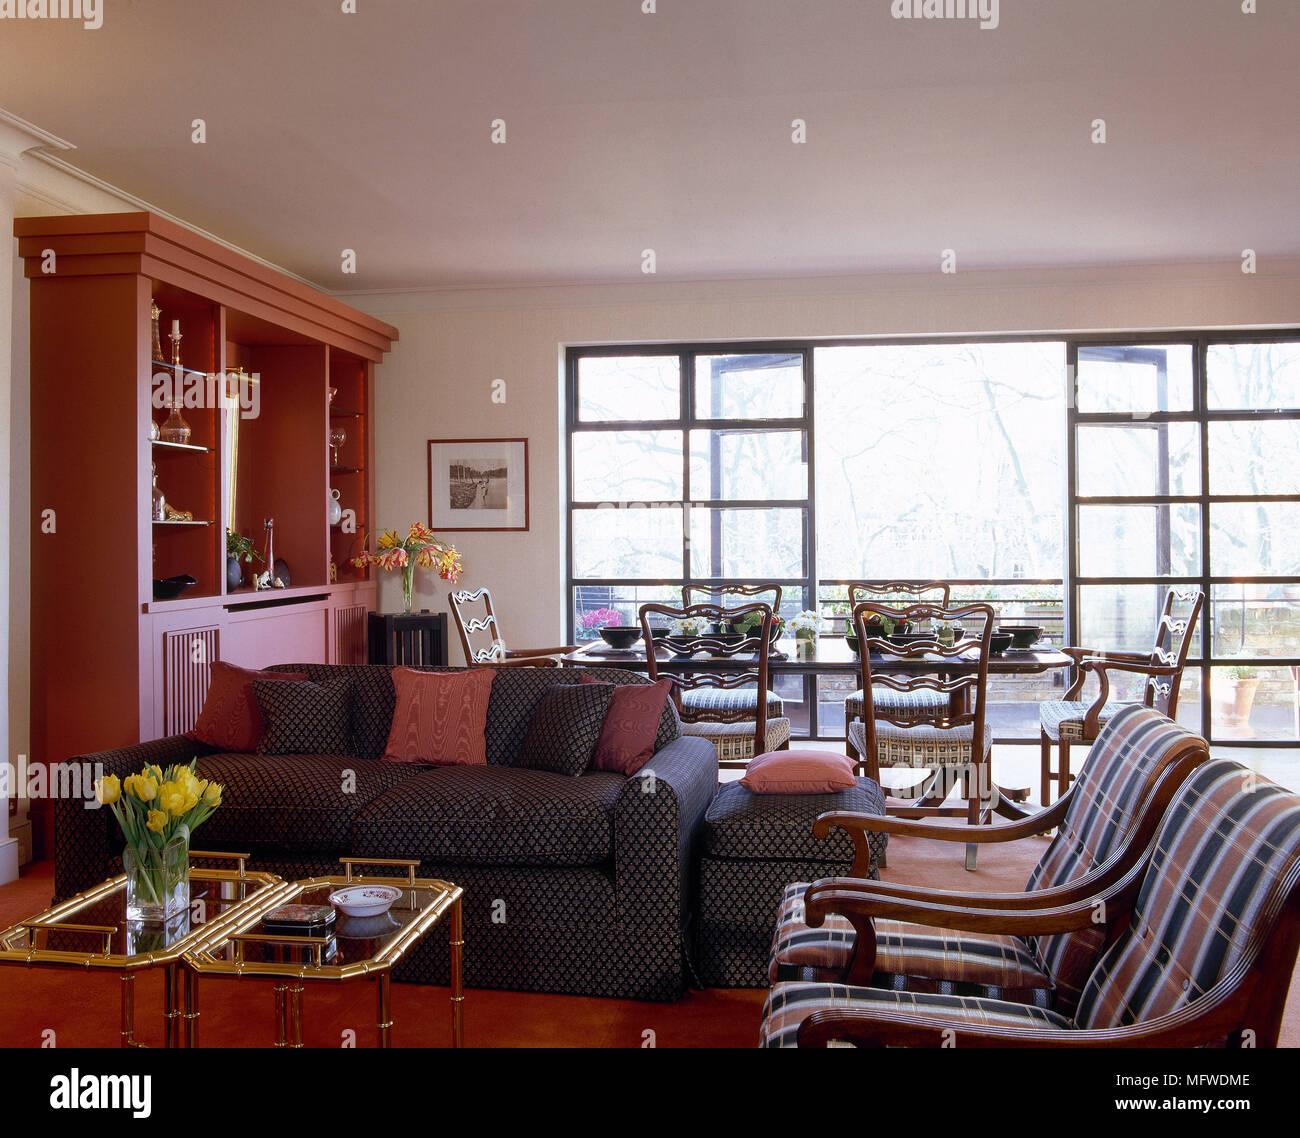 Wohnzimmer mit zwei gepolsterten Holz Sessel Couchtisch und Anzeigeeinheit Stockfoto Bild